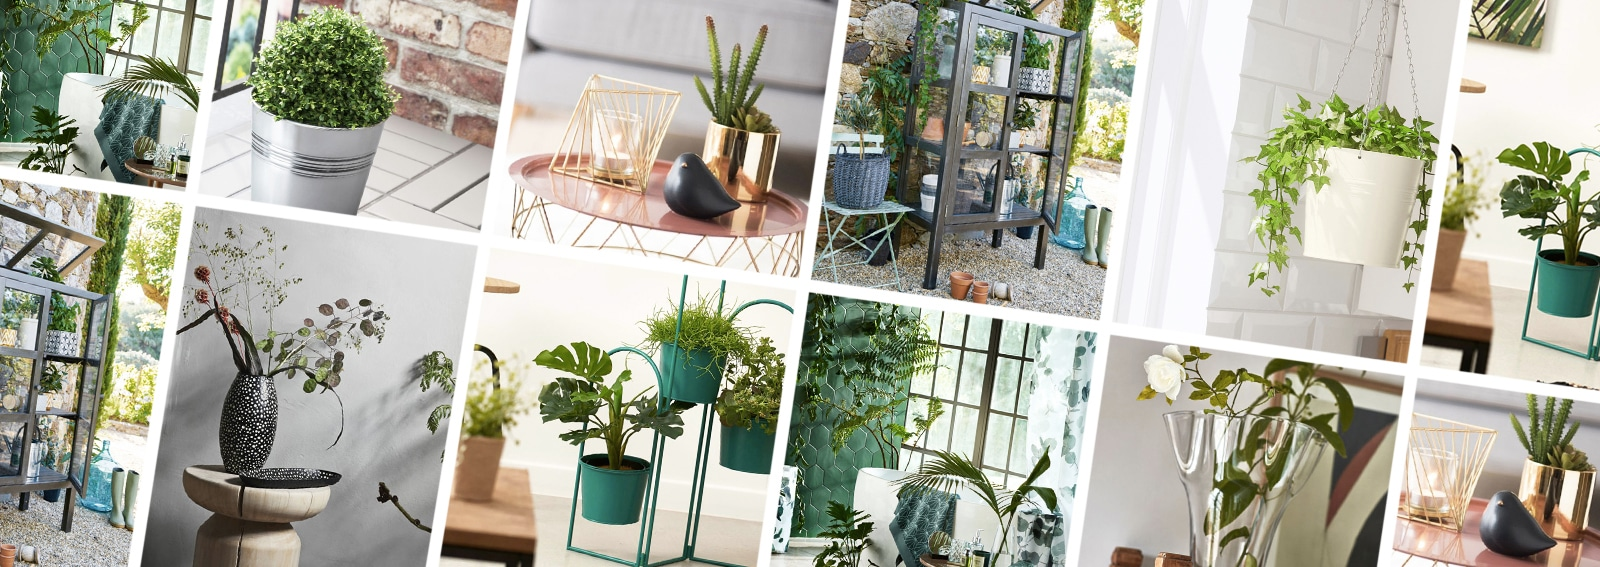 cover-giardini-indoor-desktop